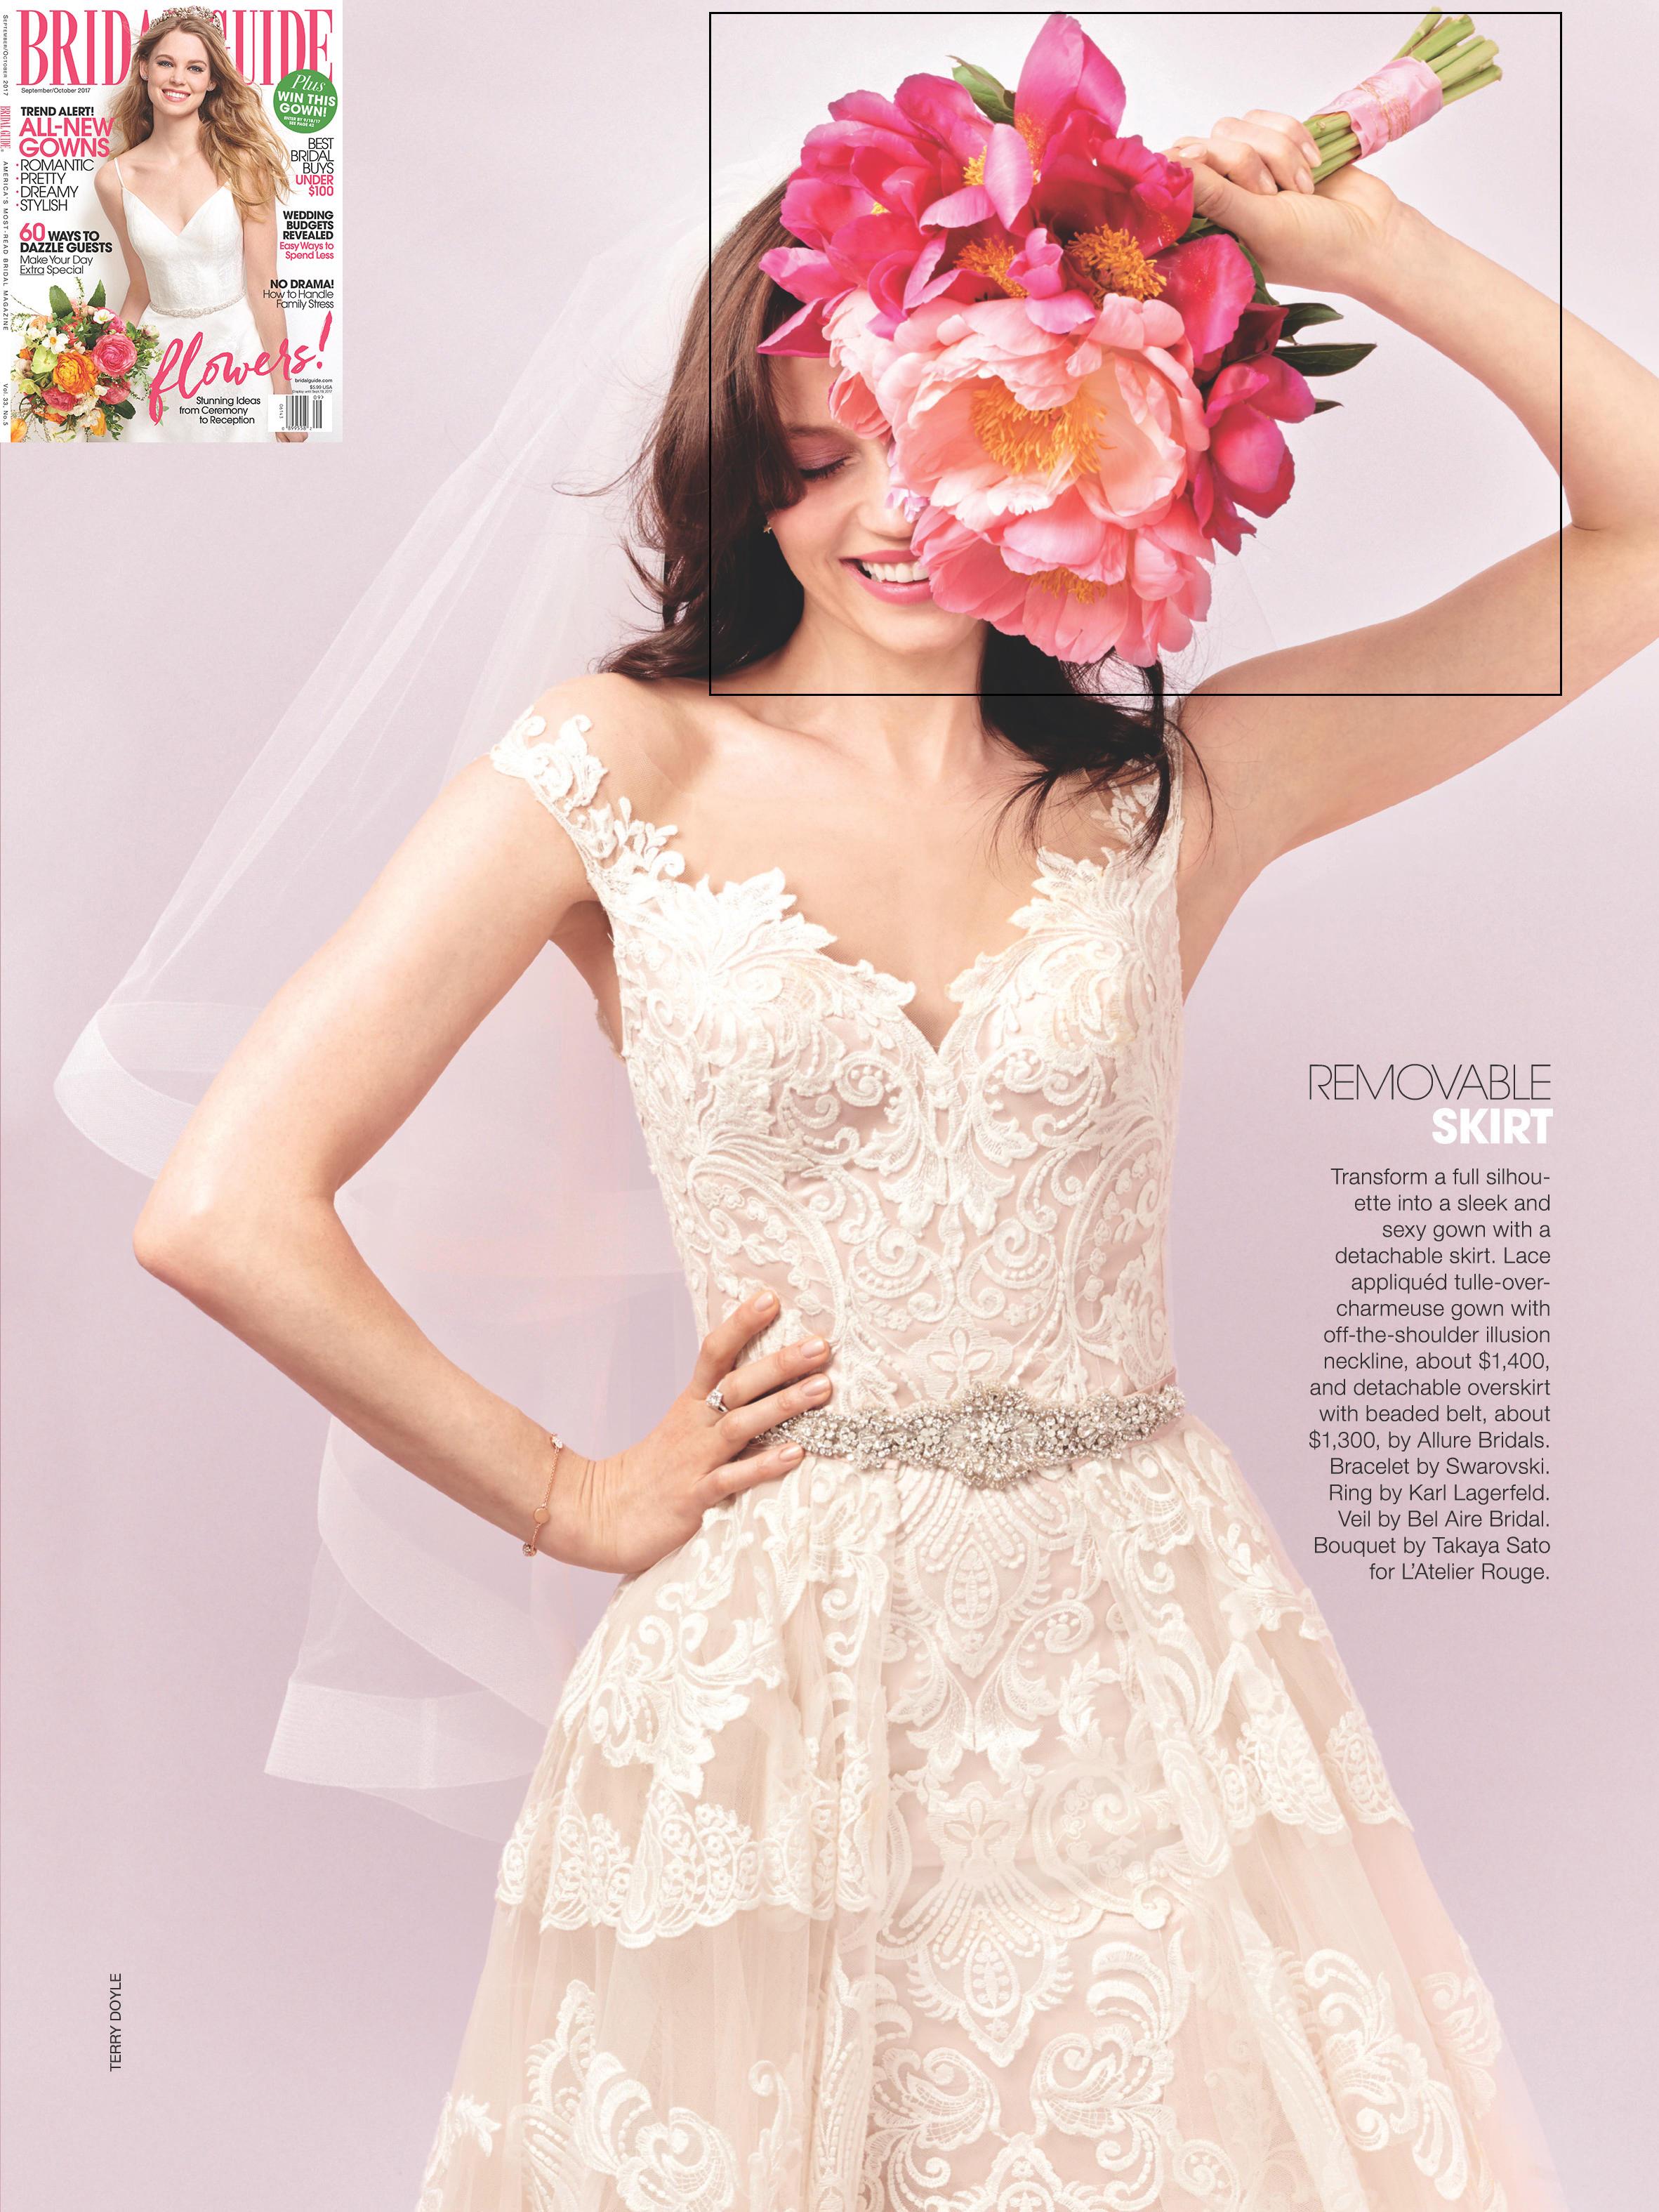 Bridal Guide L'Atelier Rouge